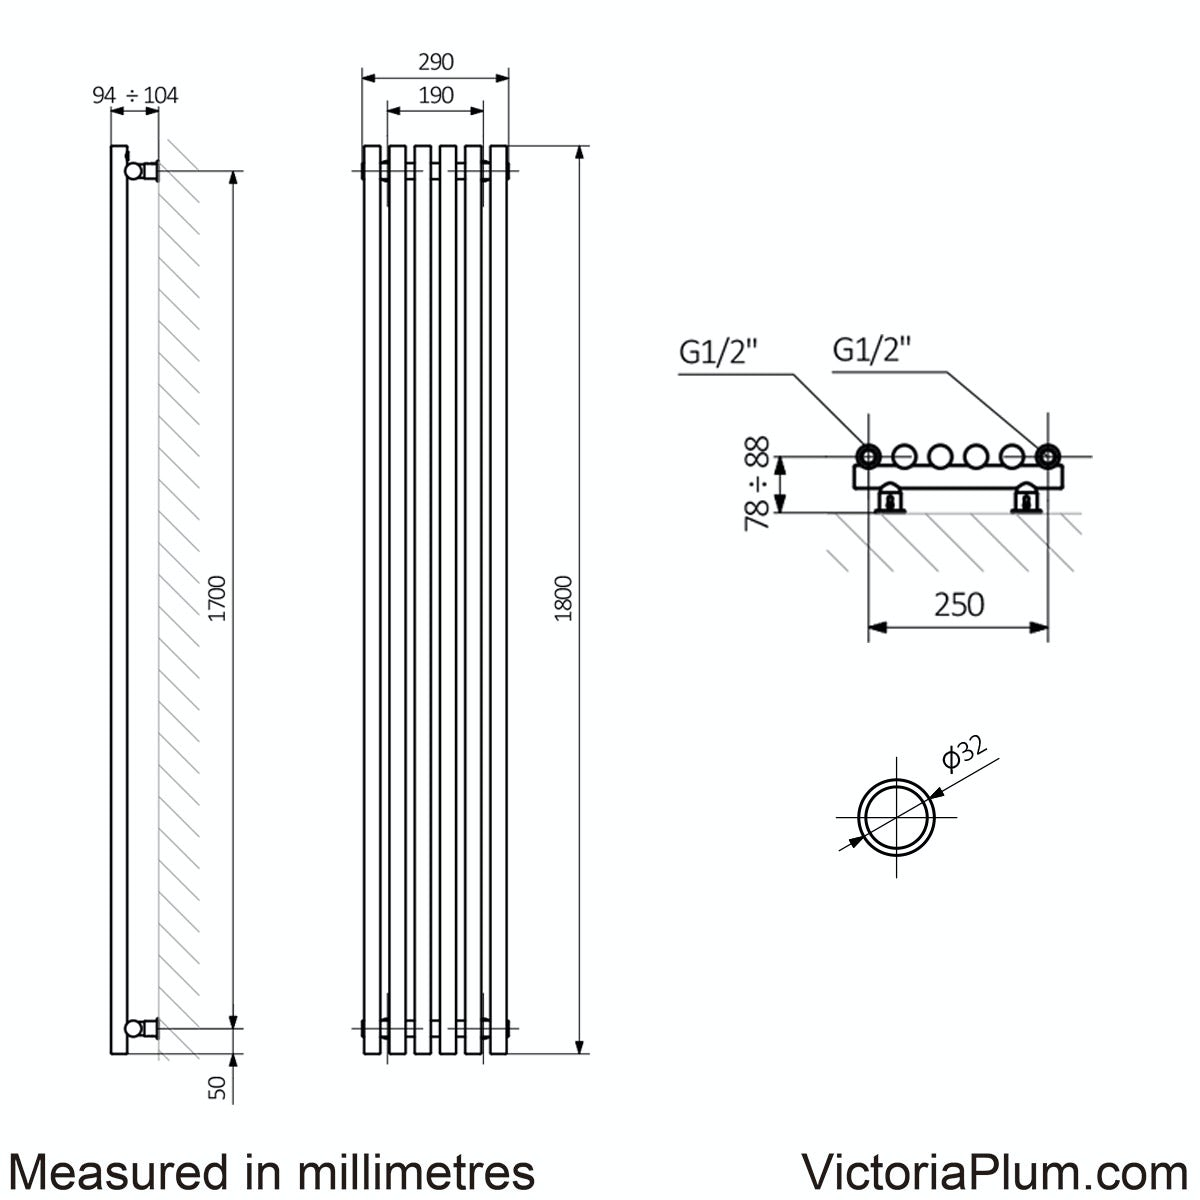 Dimensions for Terma Tune matt nickel single vertical radiator 1800 x 290